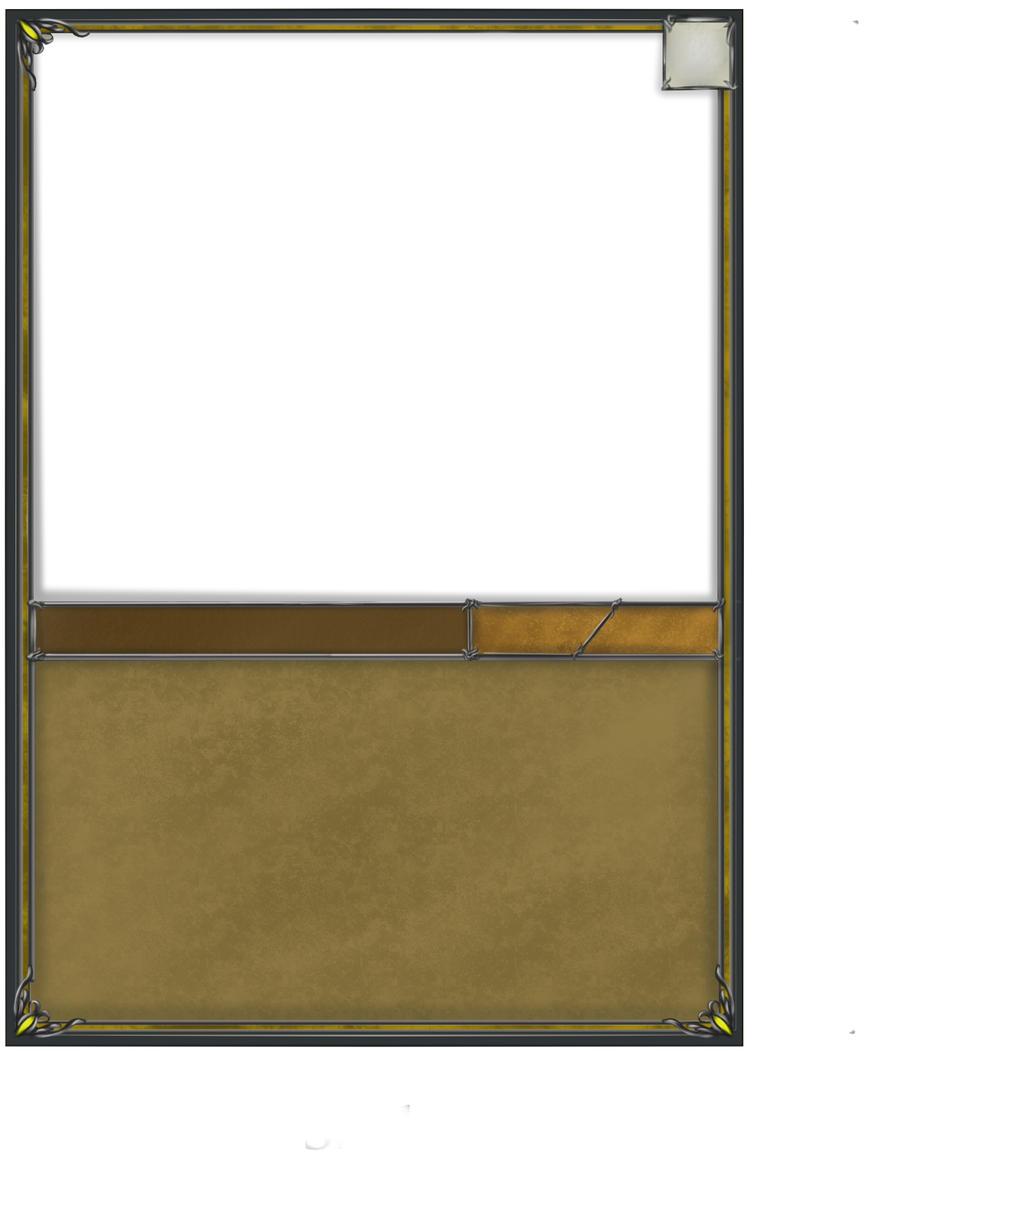 Trading Card Design -- Skill by Victor-Vestorii on DeviantArt